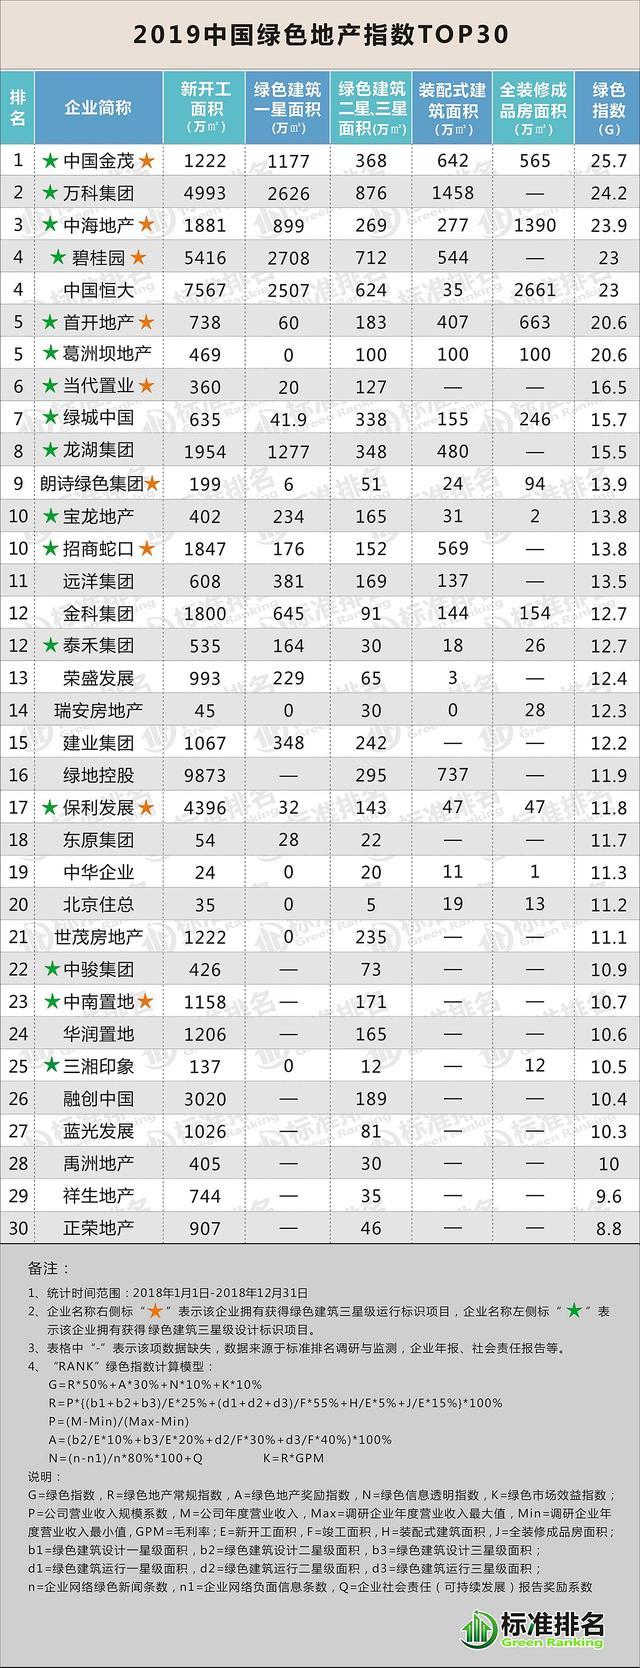 """中国绿色地产指数TOP30: 金科集团从""""绿建""""到""""绿金"""""""